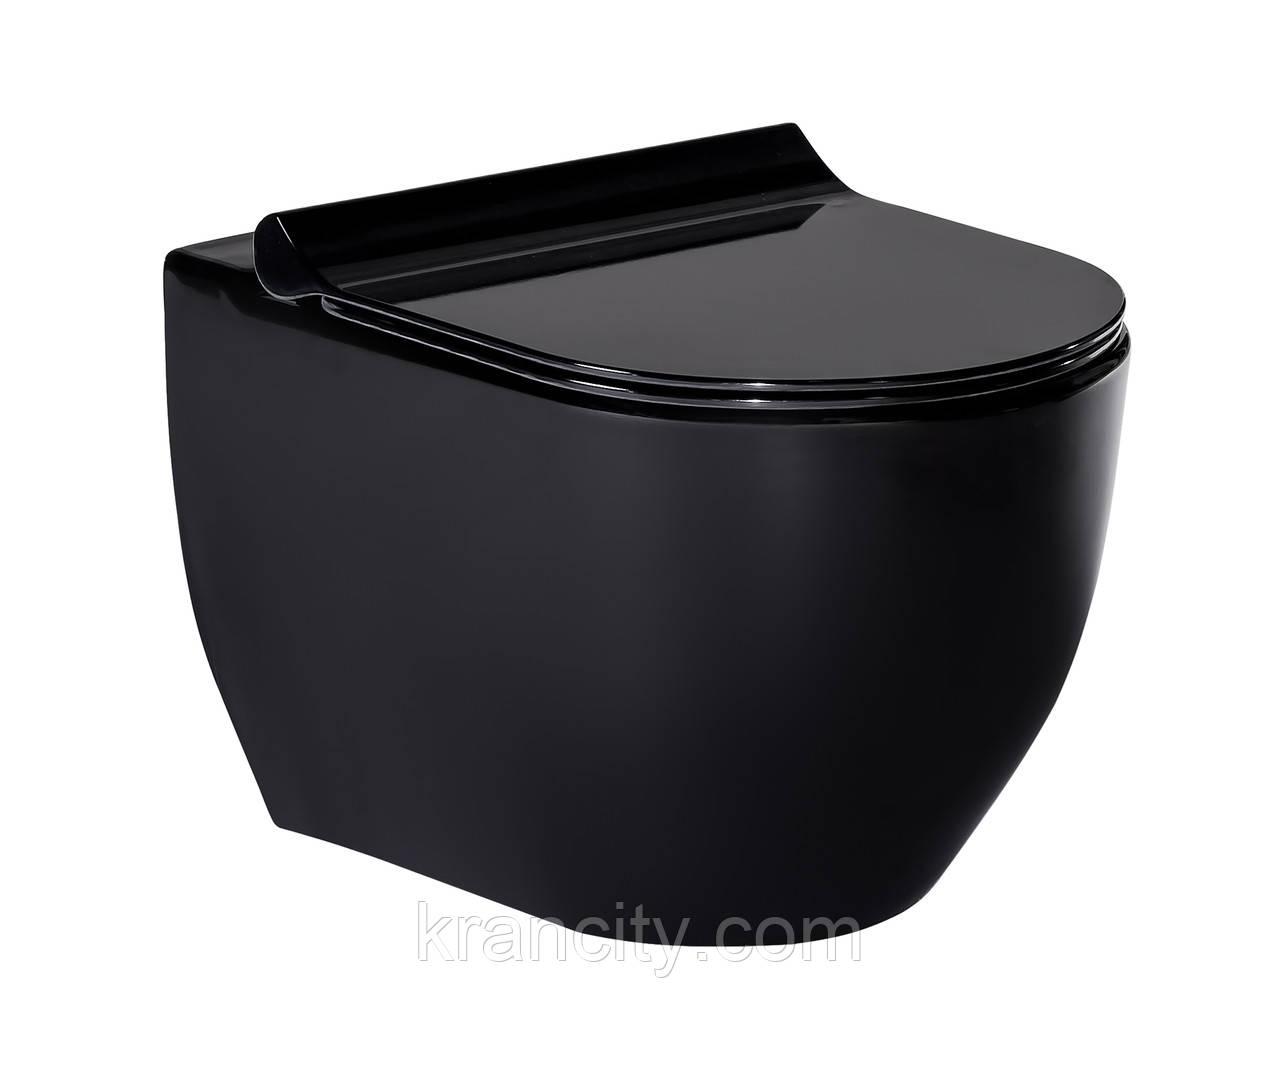 Унитаз подвесной черный, сиденье твердое Slim slow-closing VOLLE BLACK AMADEUS 13-06-055Black